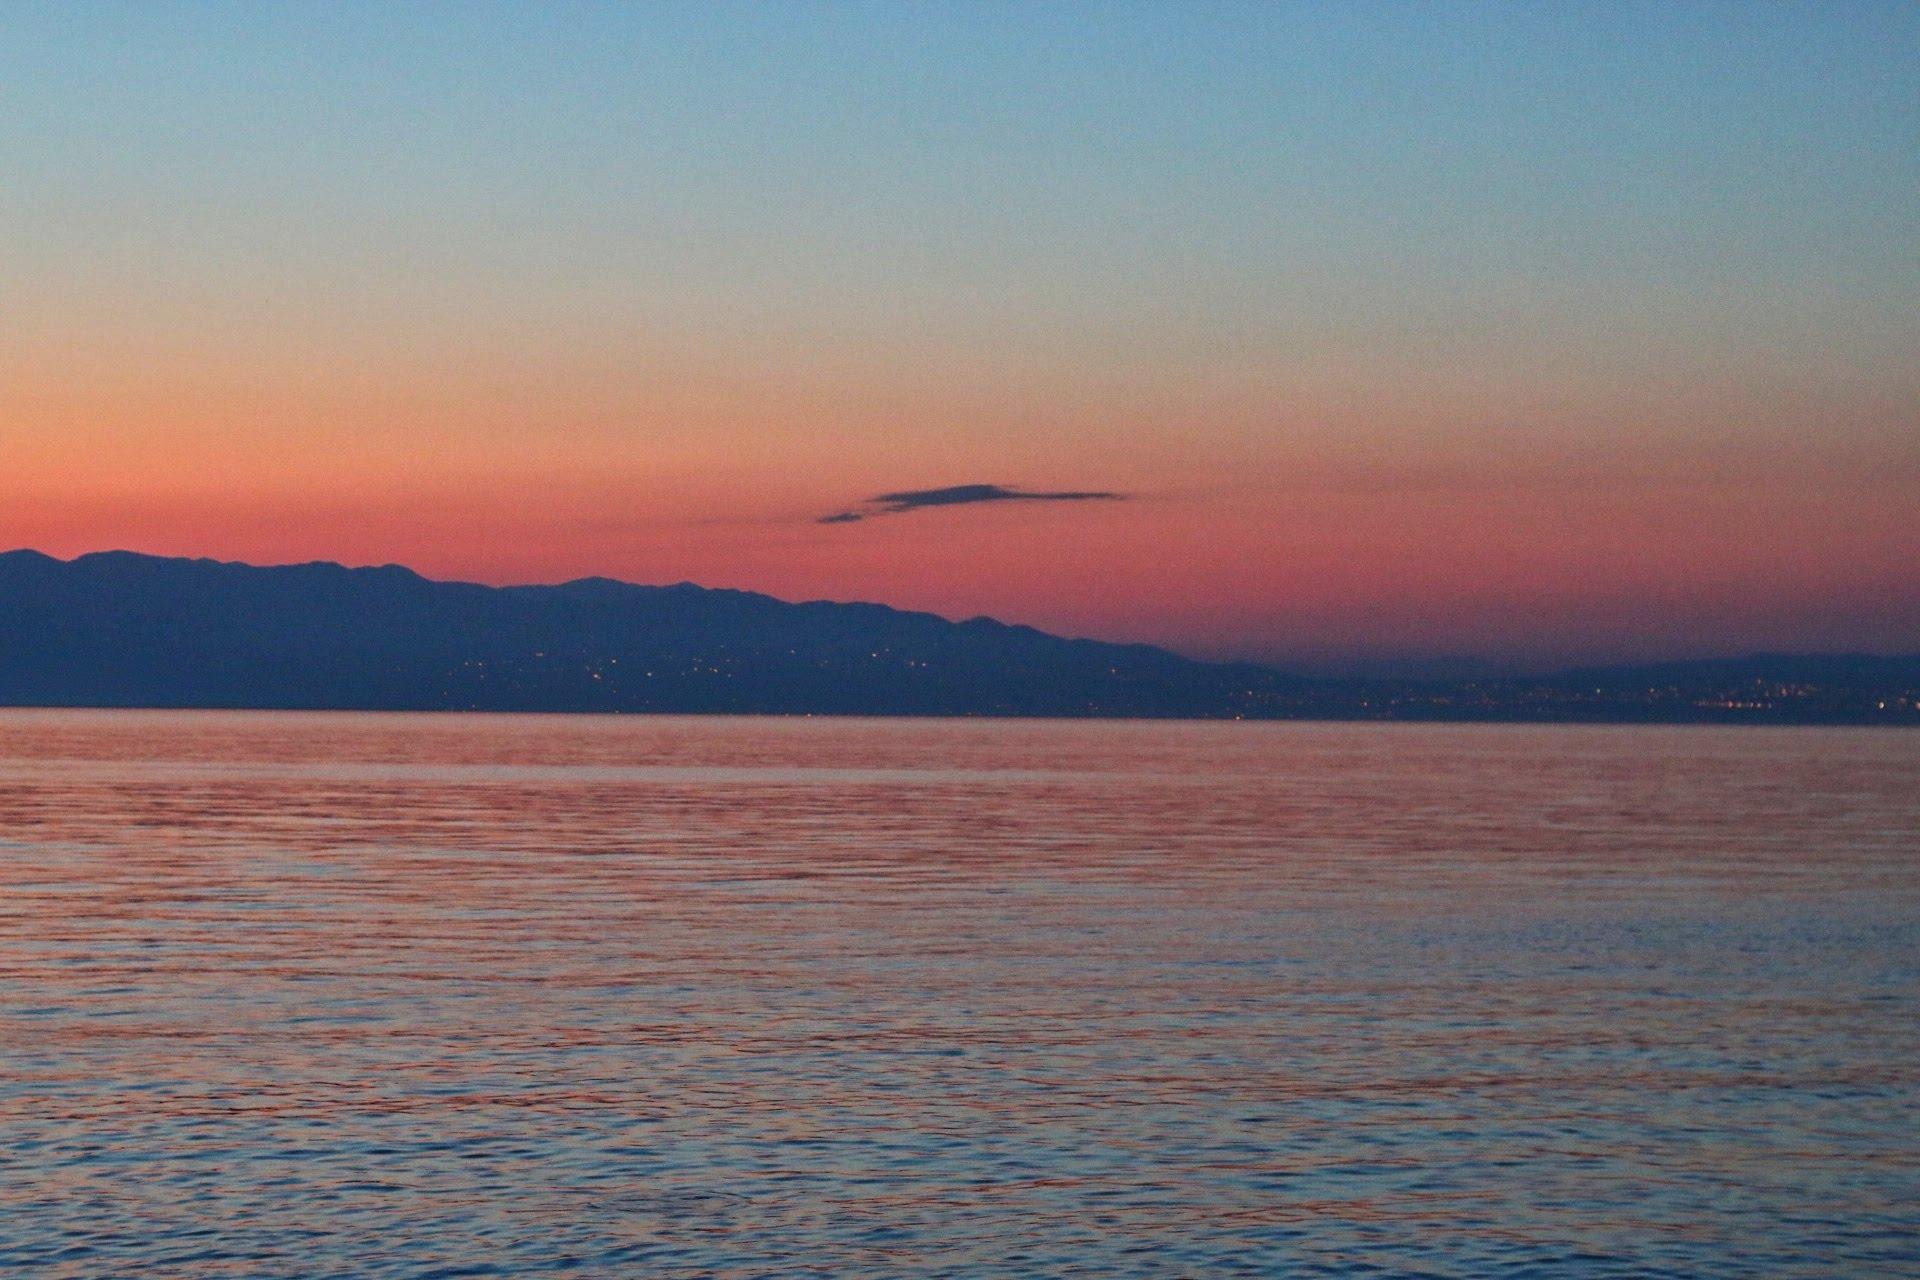 Mali Raj Kroatien Krk Insel Campingplatz Camper Roadtrip reisen Meer Bucht